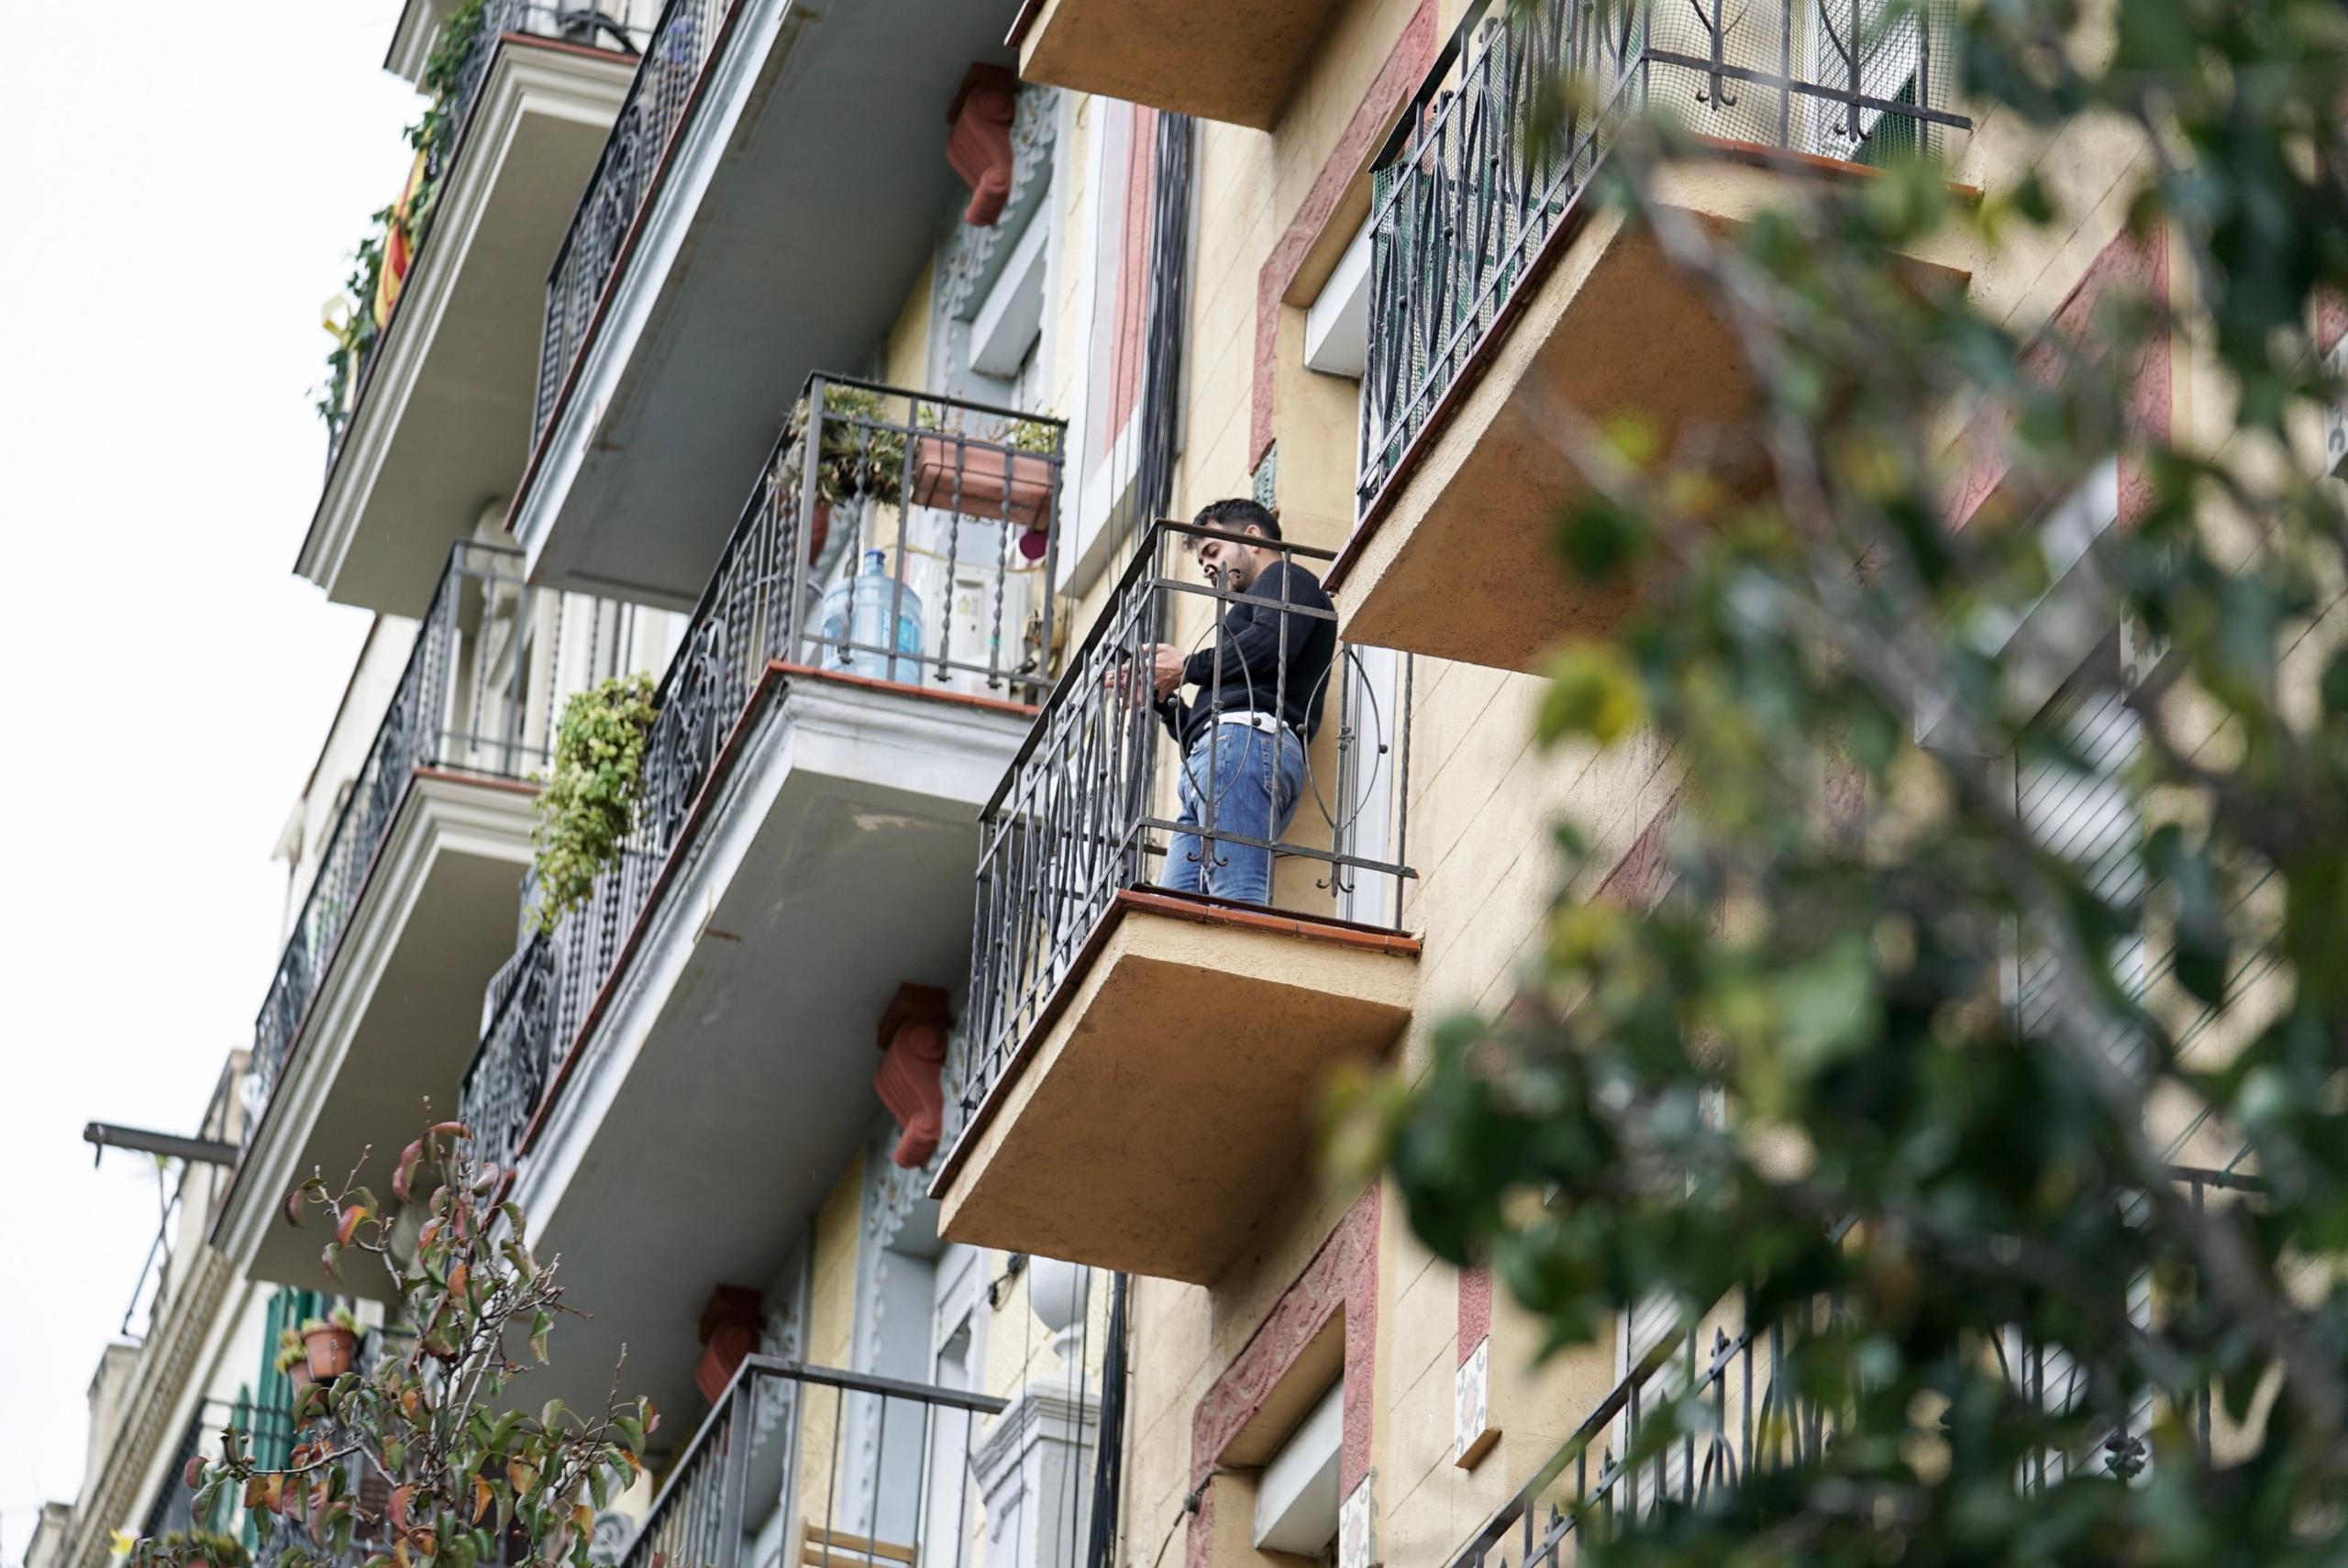 Imatge d'arxiu d'una persona al balcó d'un pis, a Barcelona / Ajuntament